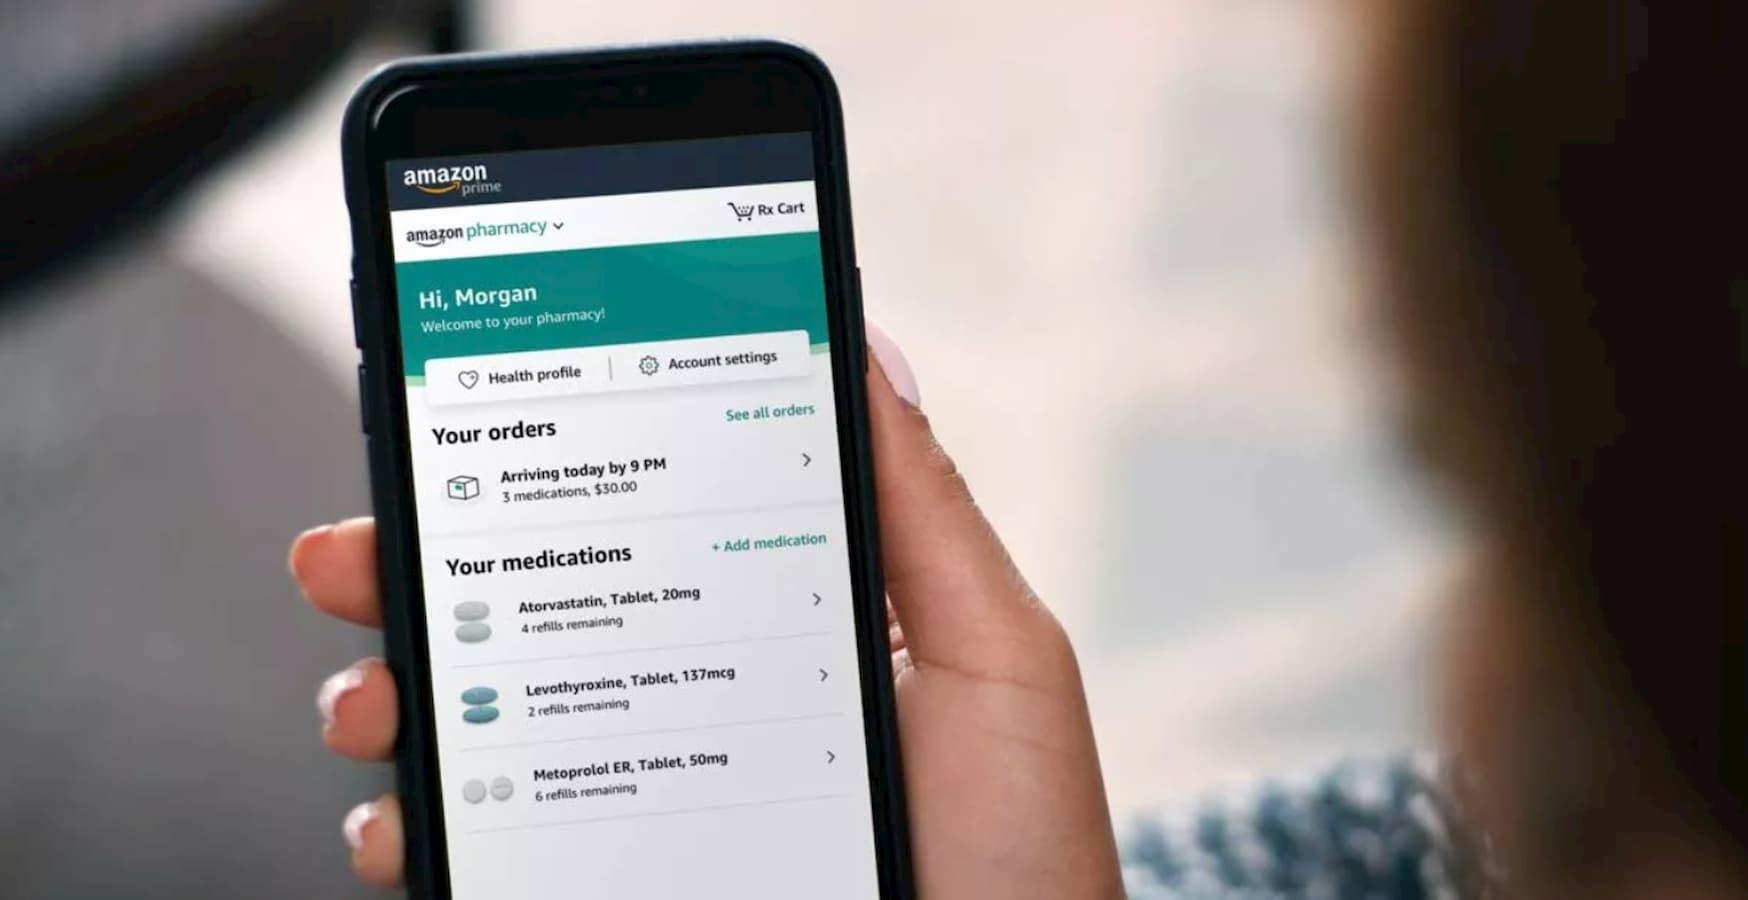 amazon pharmacy app